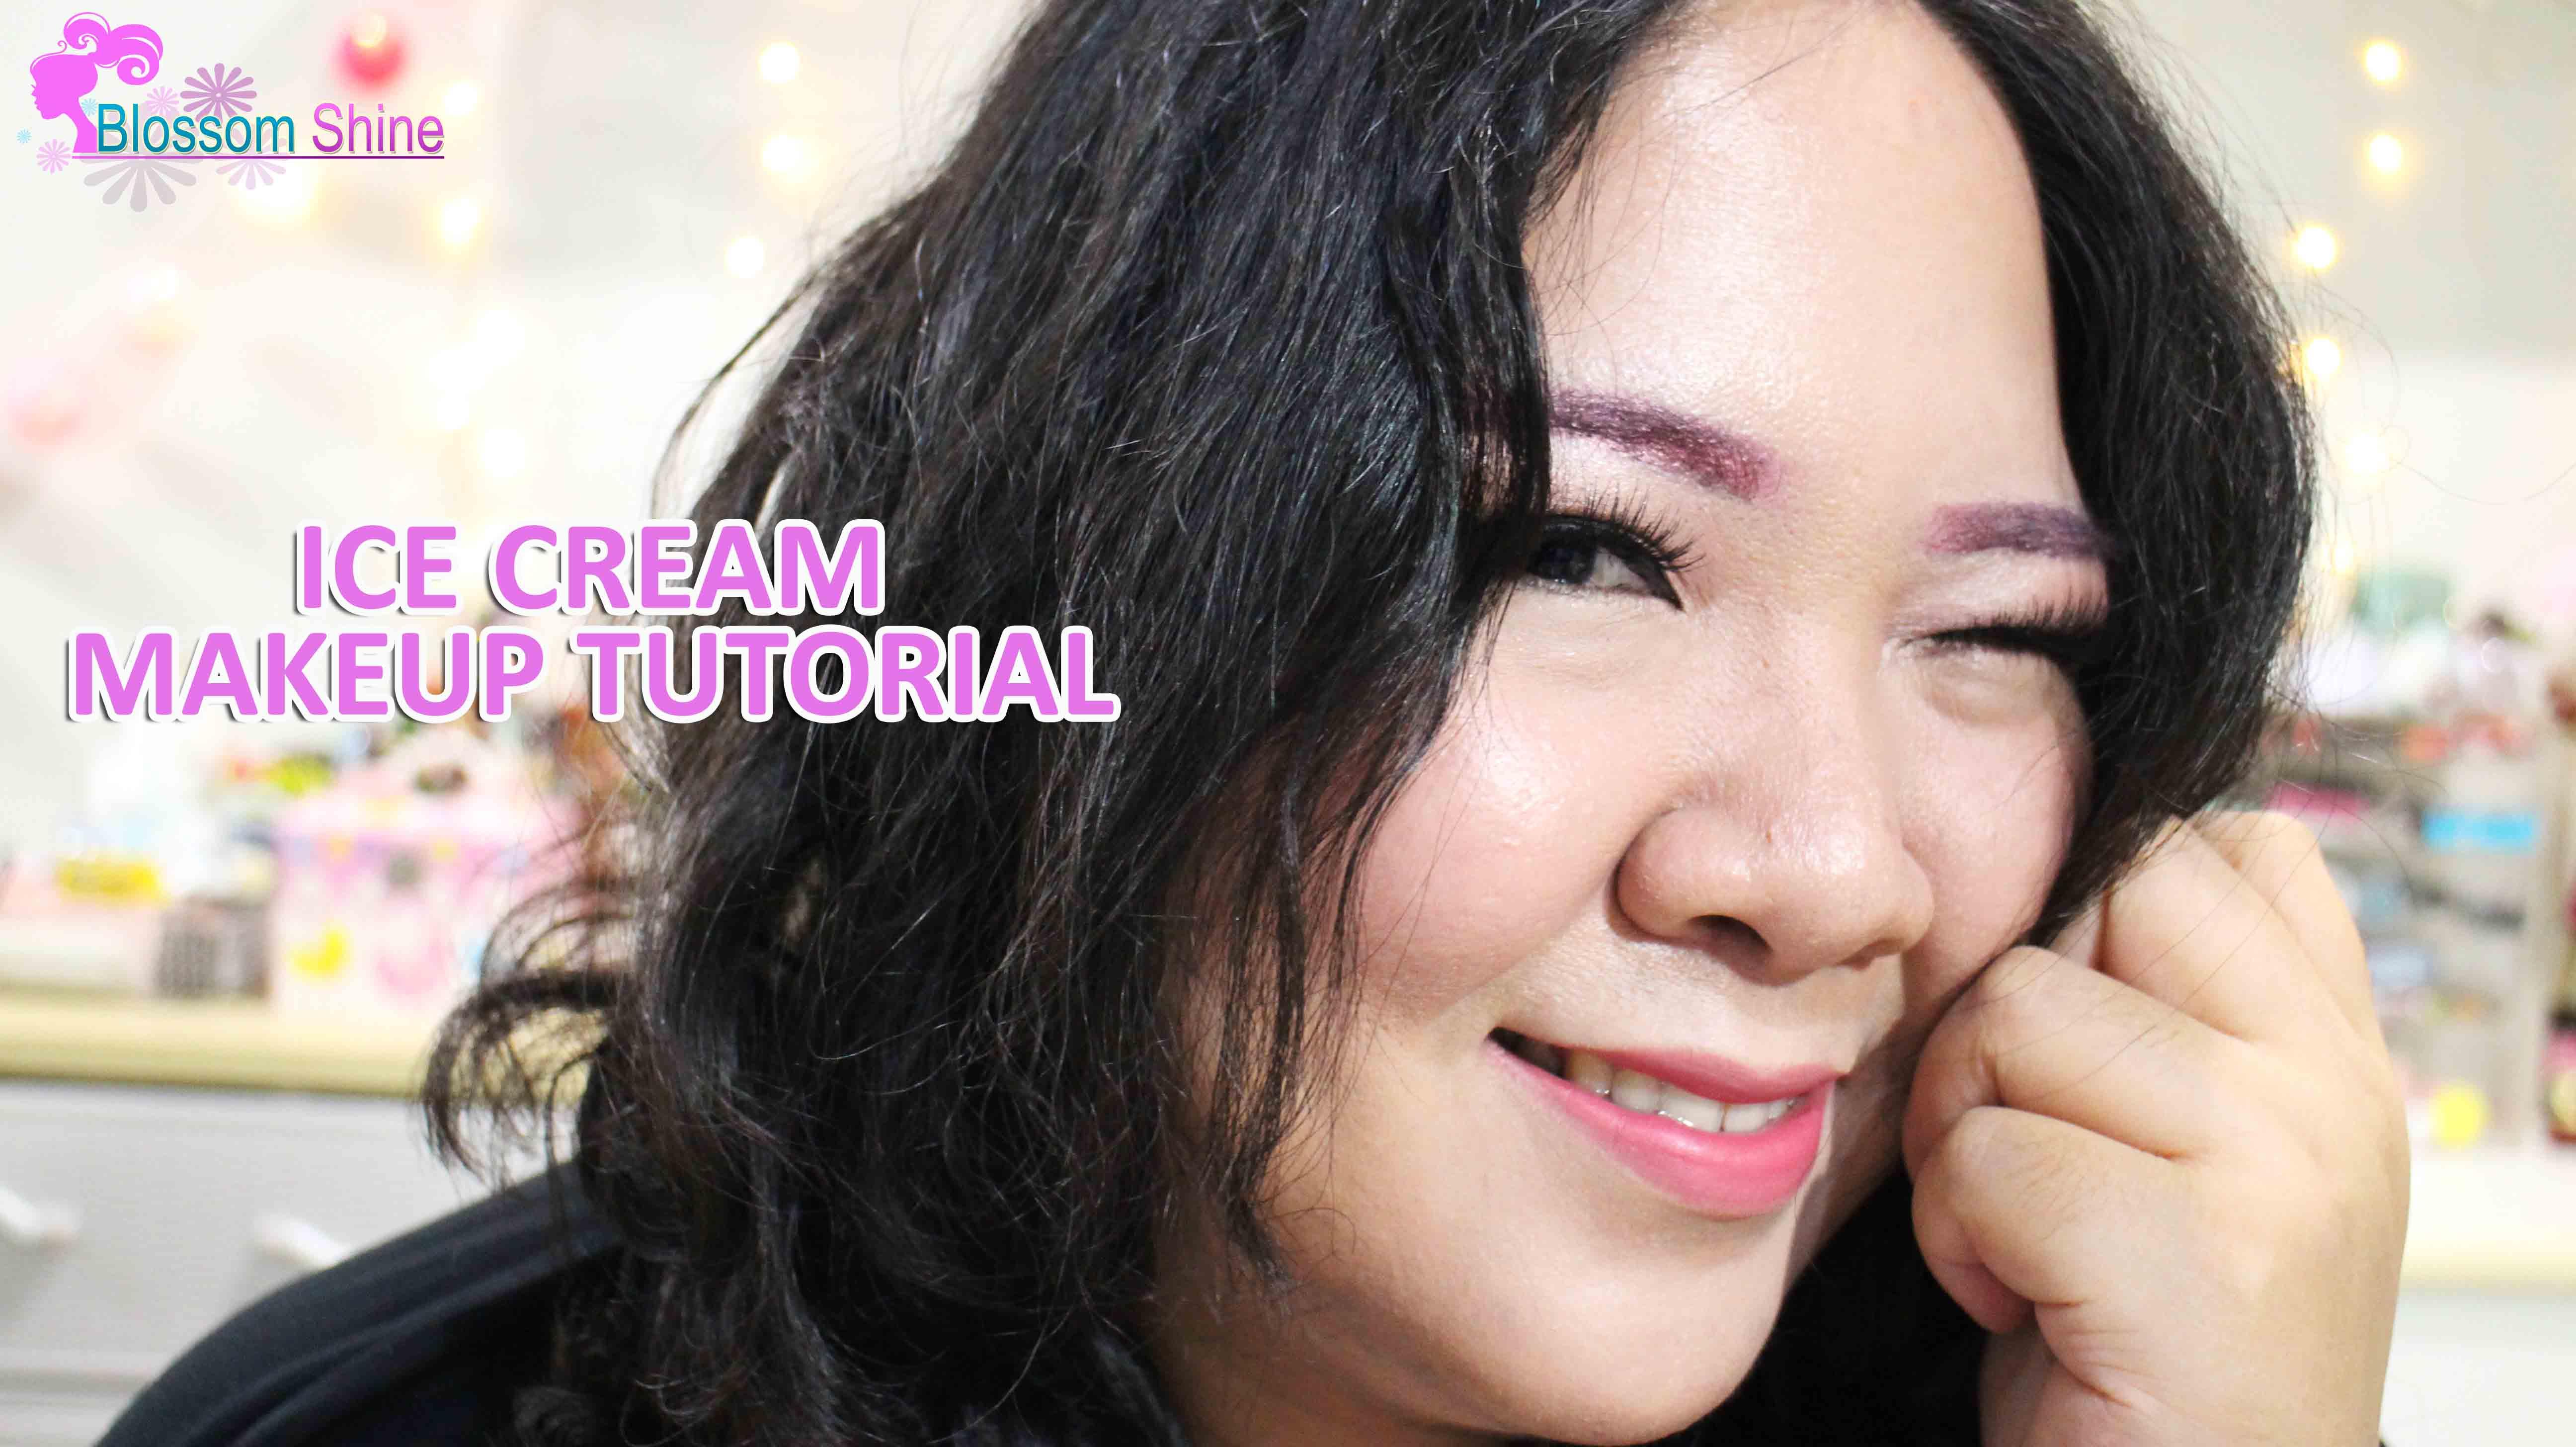 Ice Cream Makeup Tutorial [Makeup Collaboration]